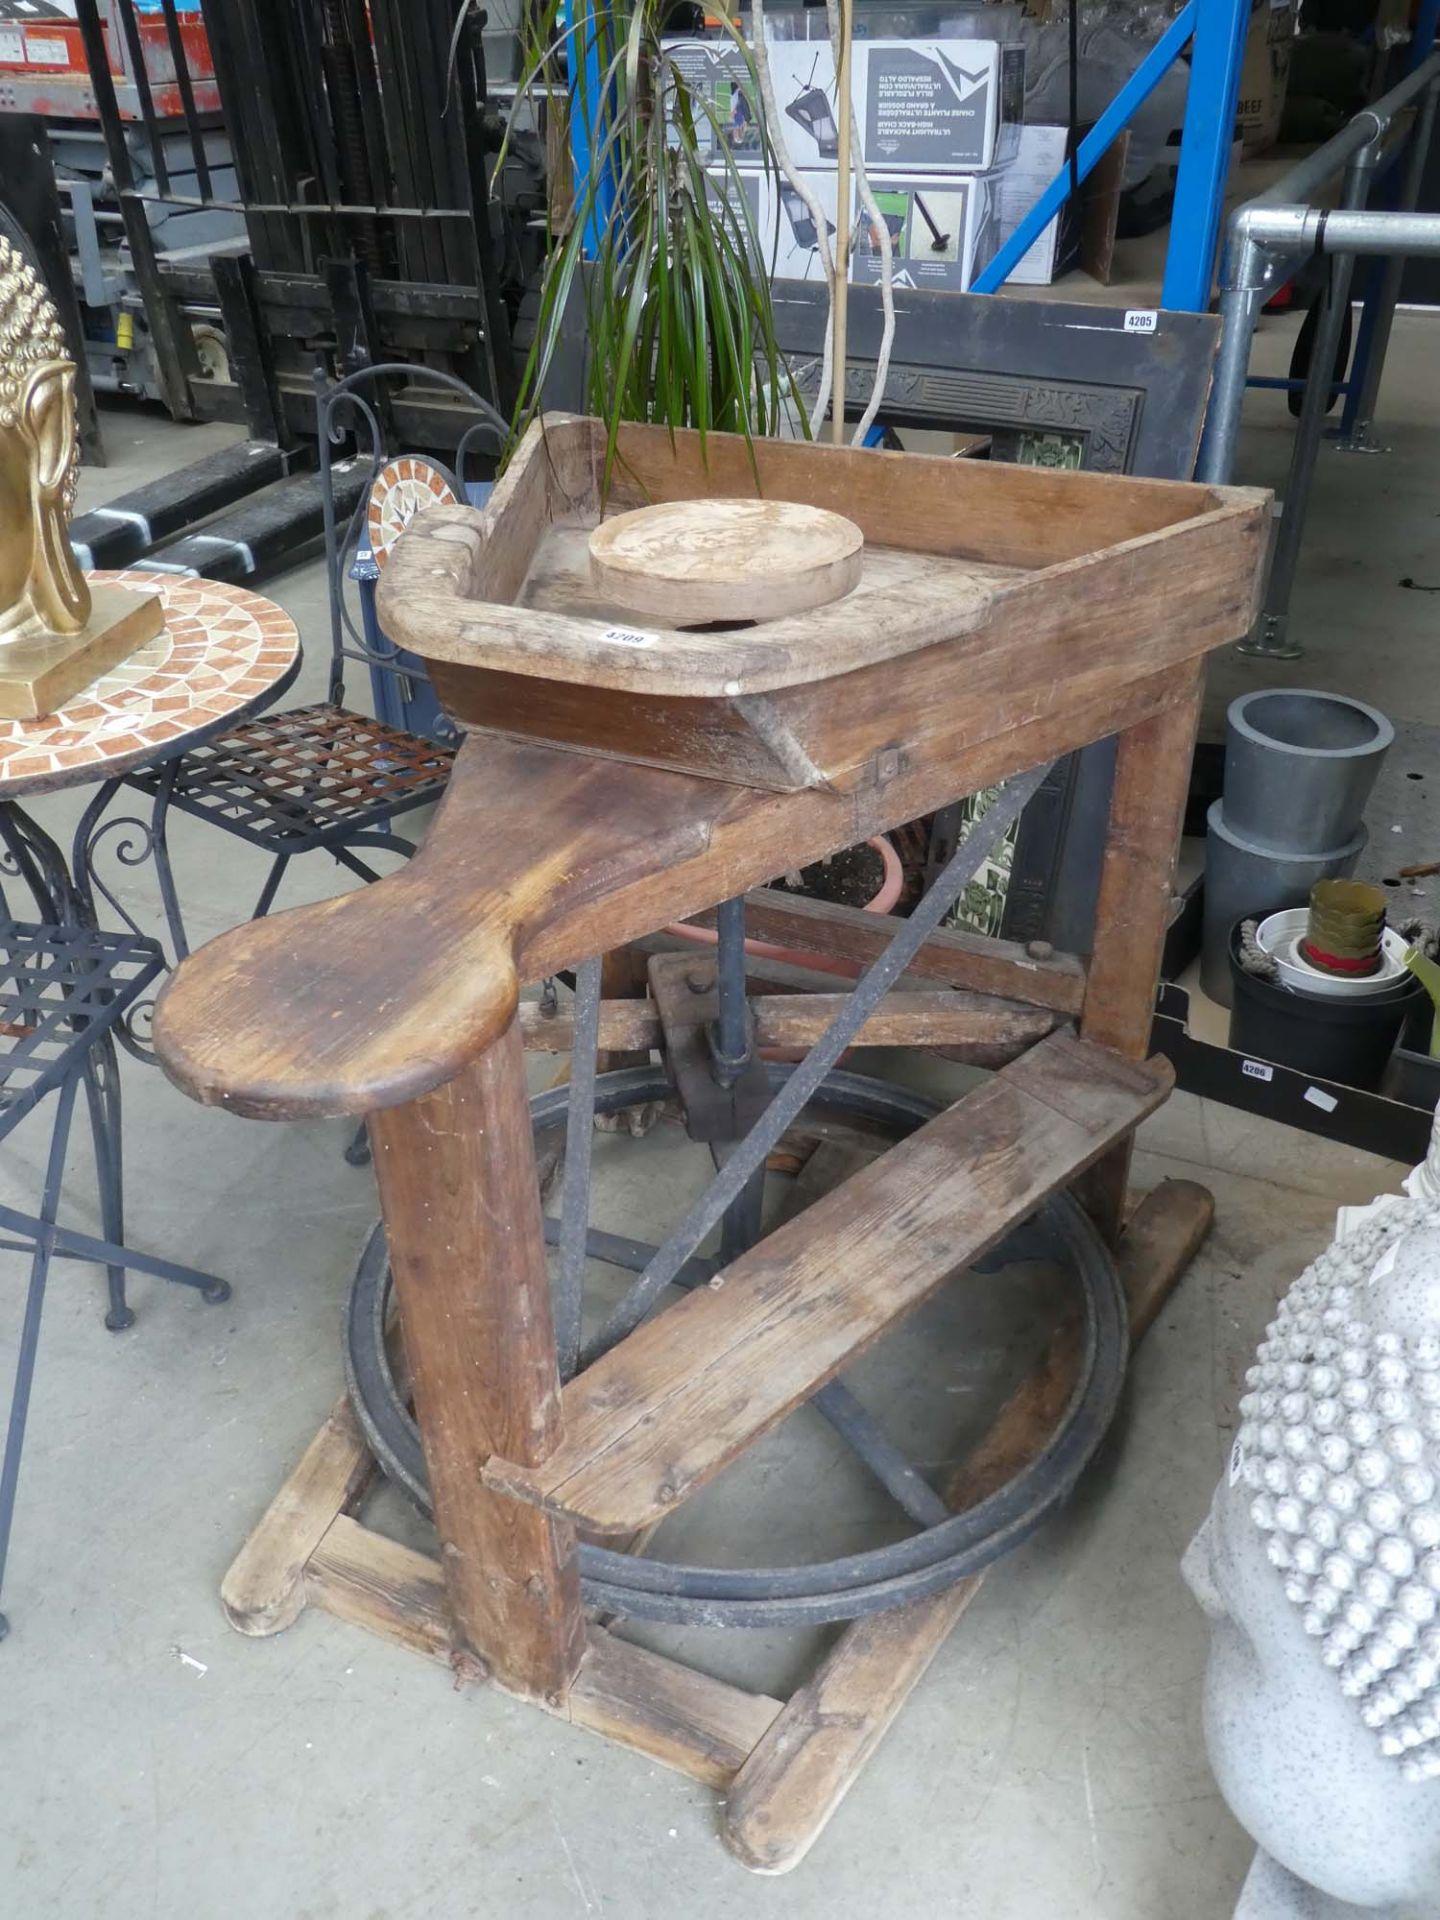 Vintage manual wooden potter's wheel